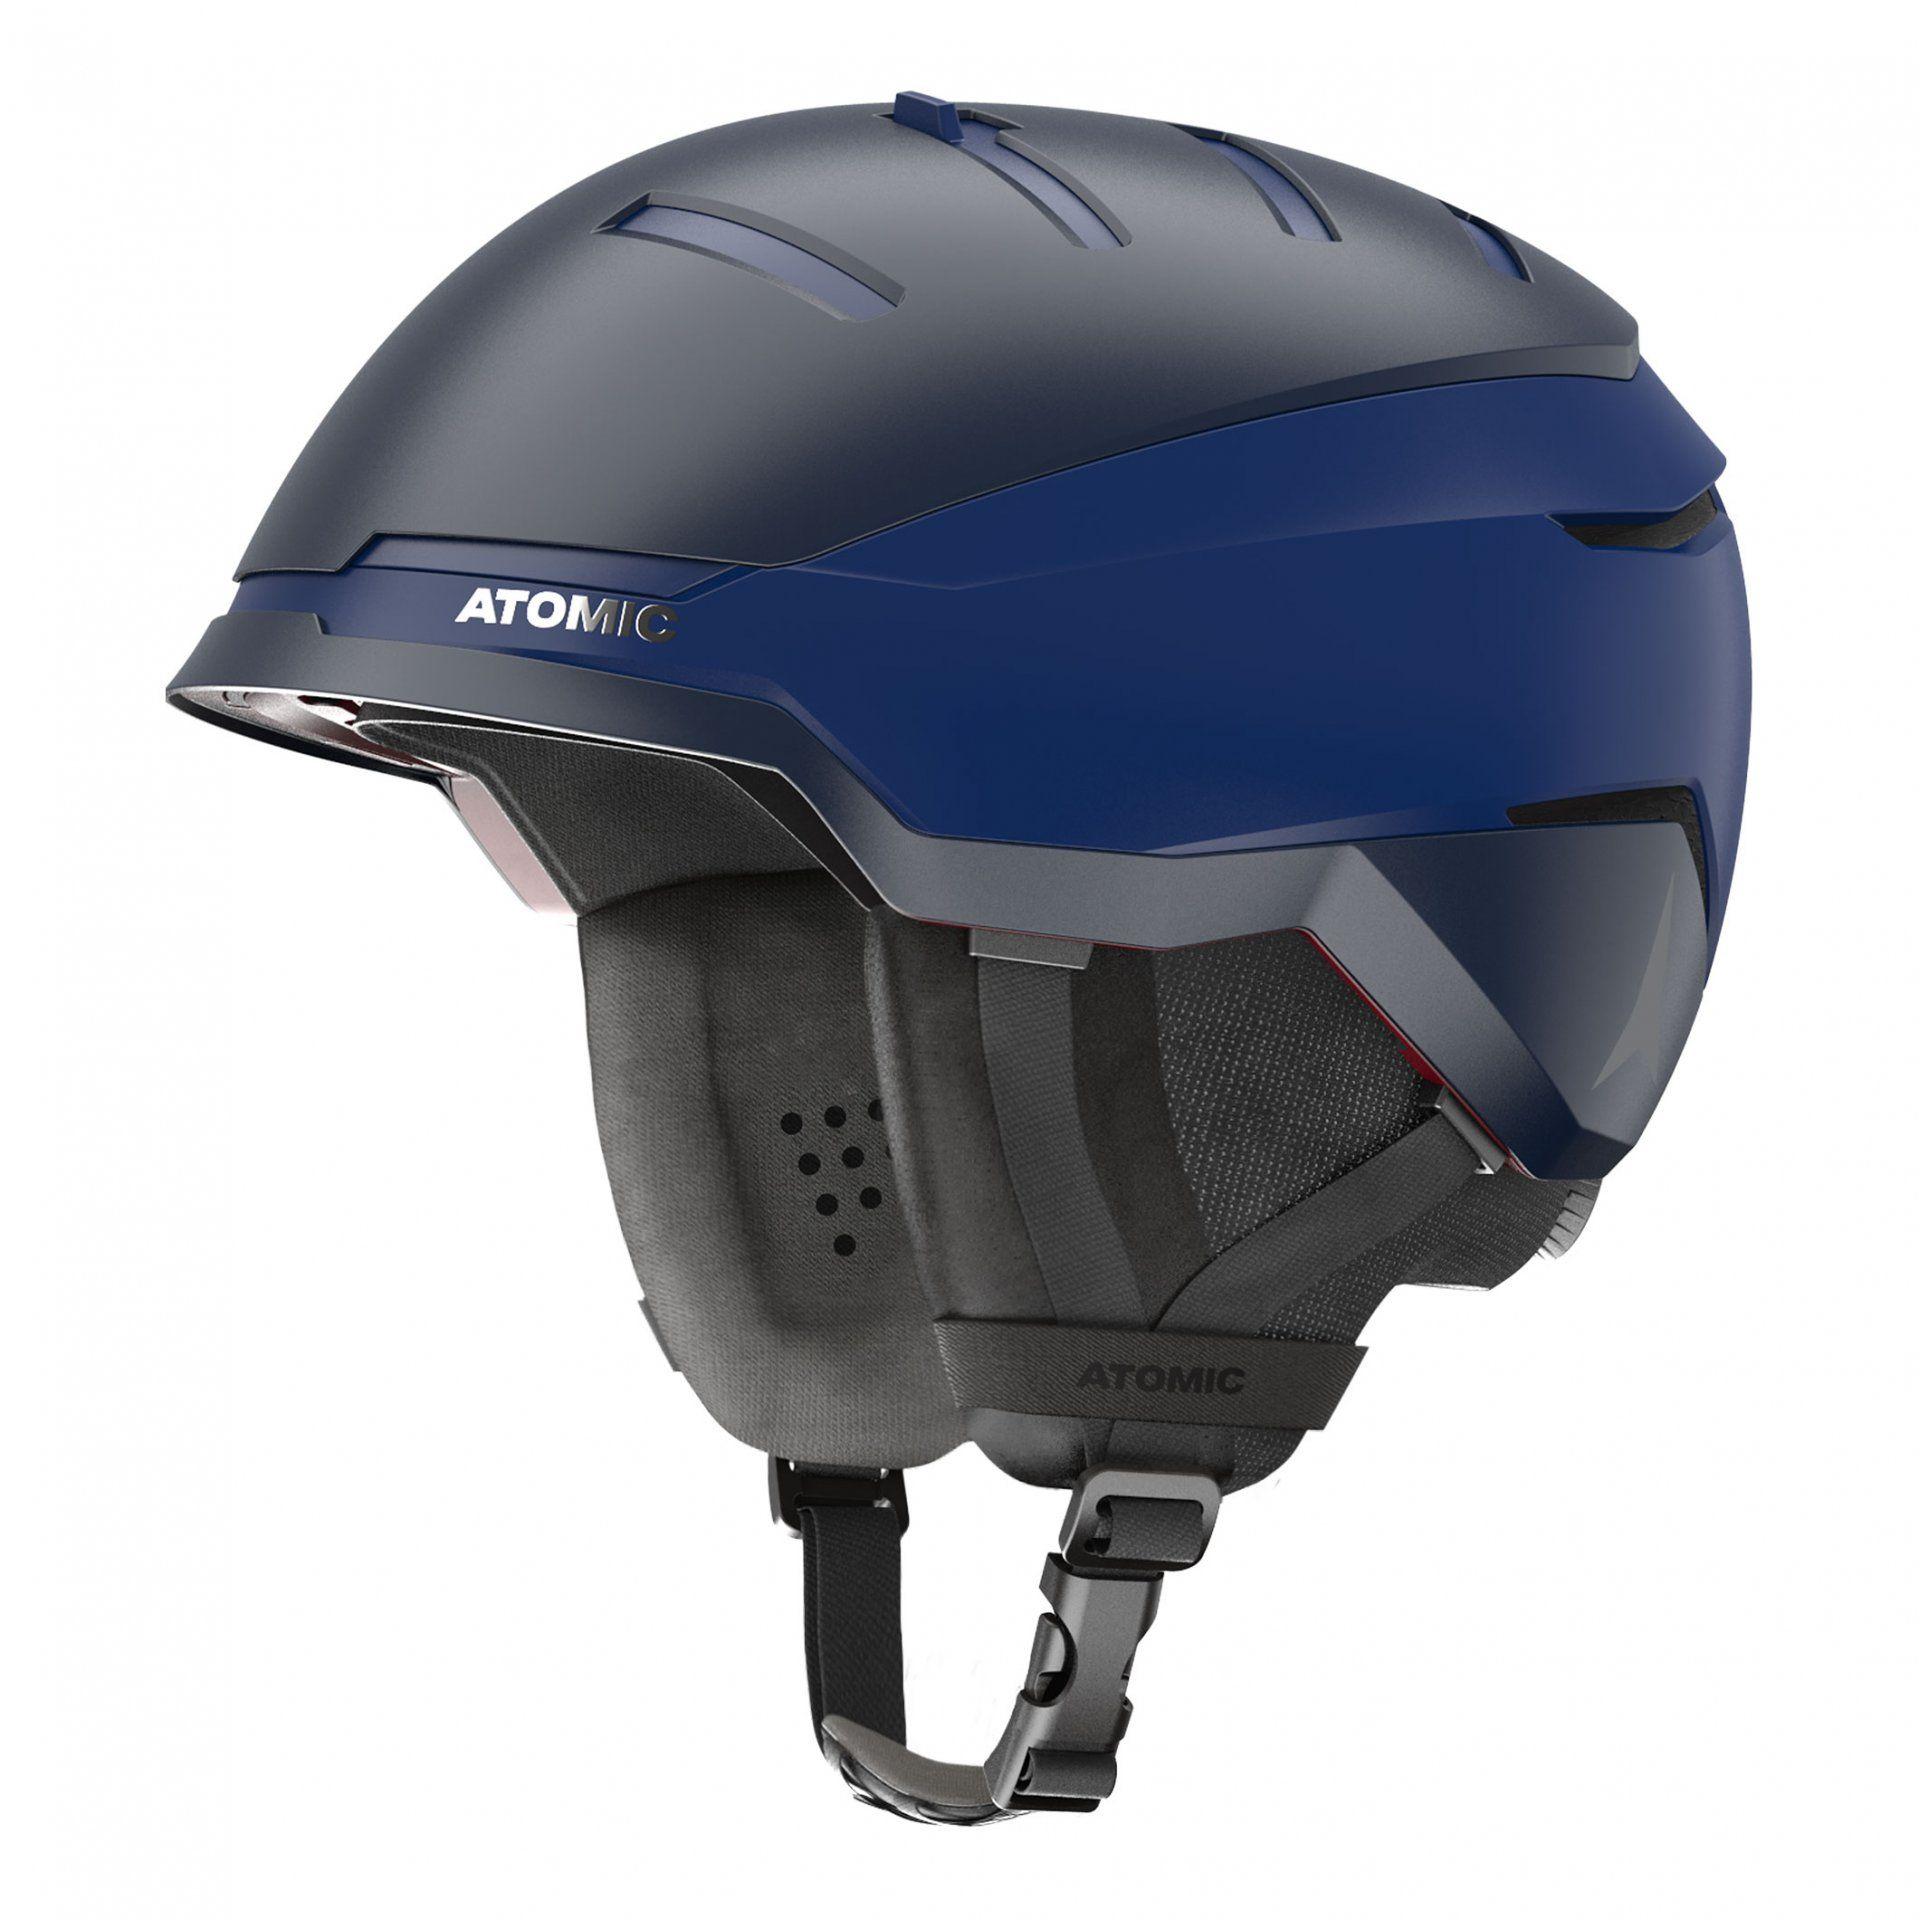 KASK ATOMIC SAVOR GT BLUE AN5005676